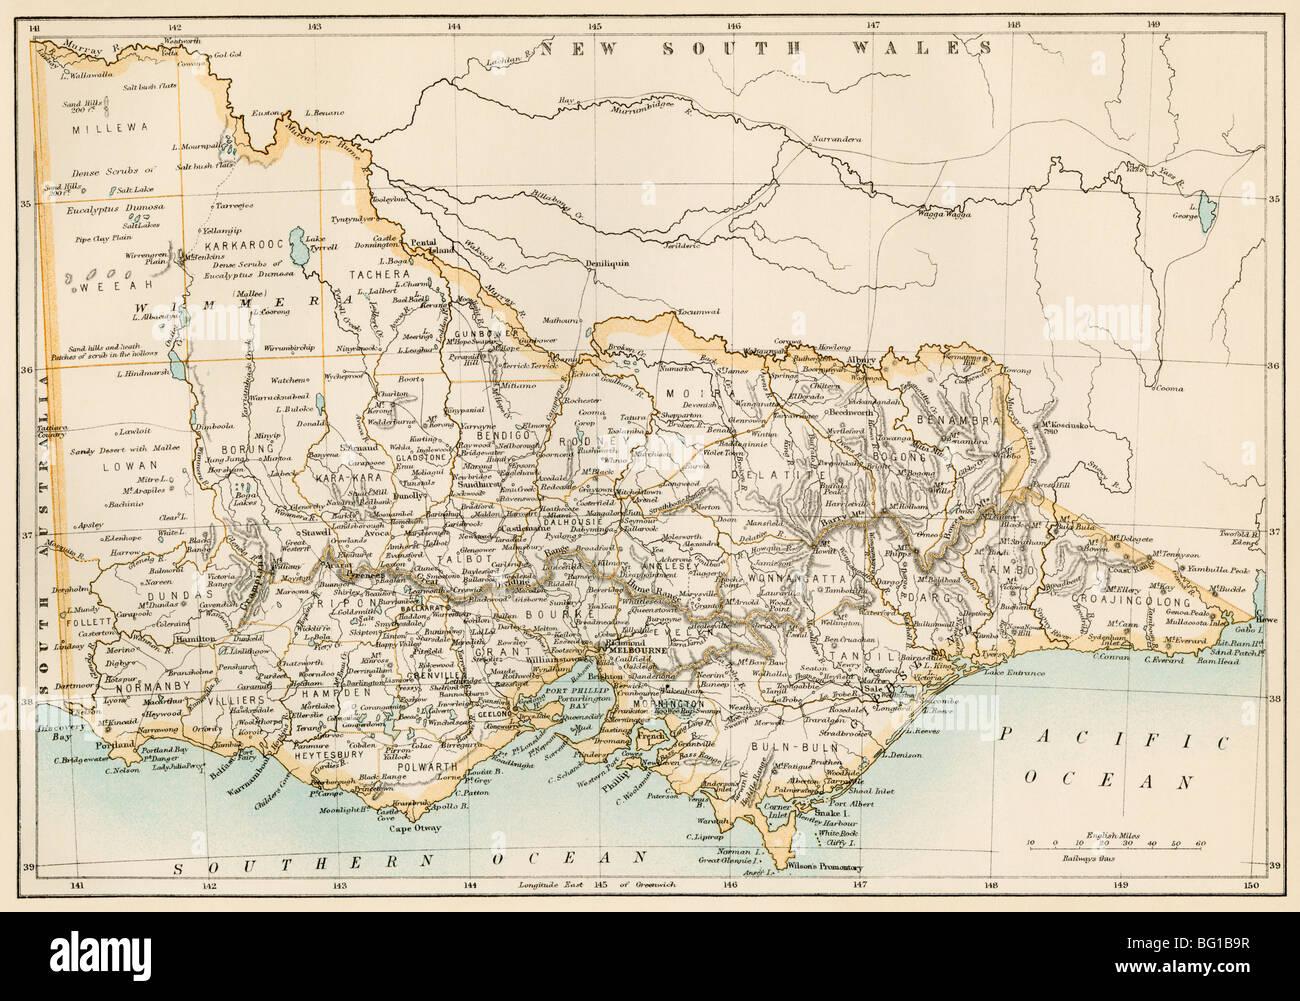 Plan de Victoria, Australie, 1870. Lithographie couleur Photo Stock